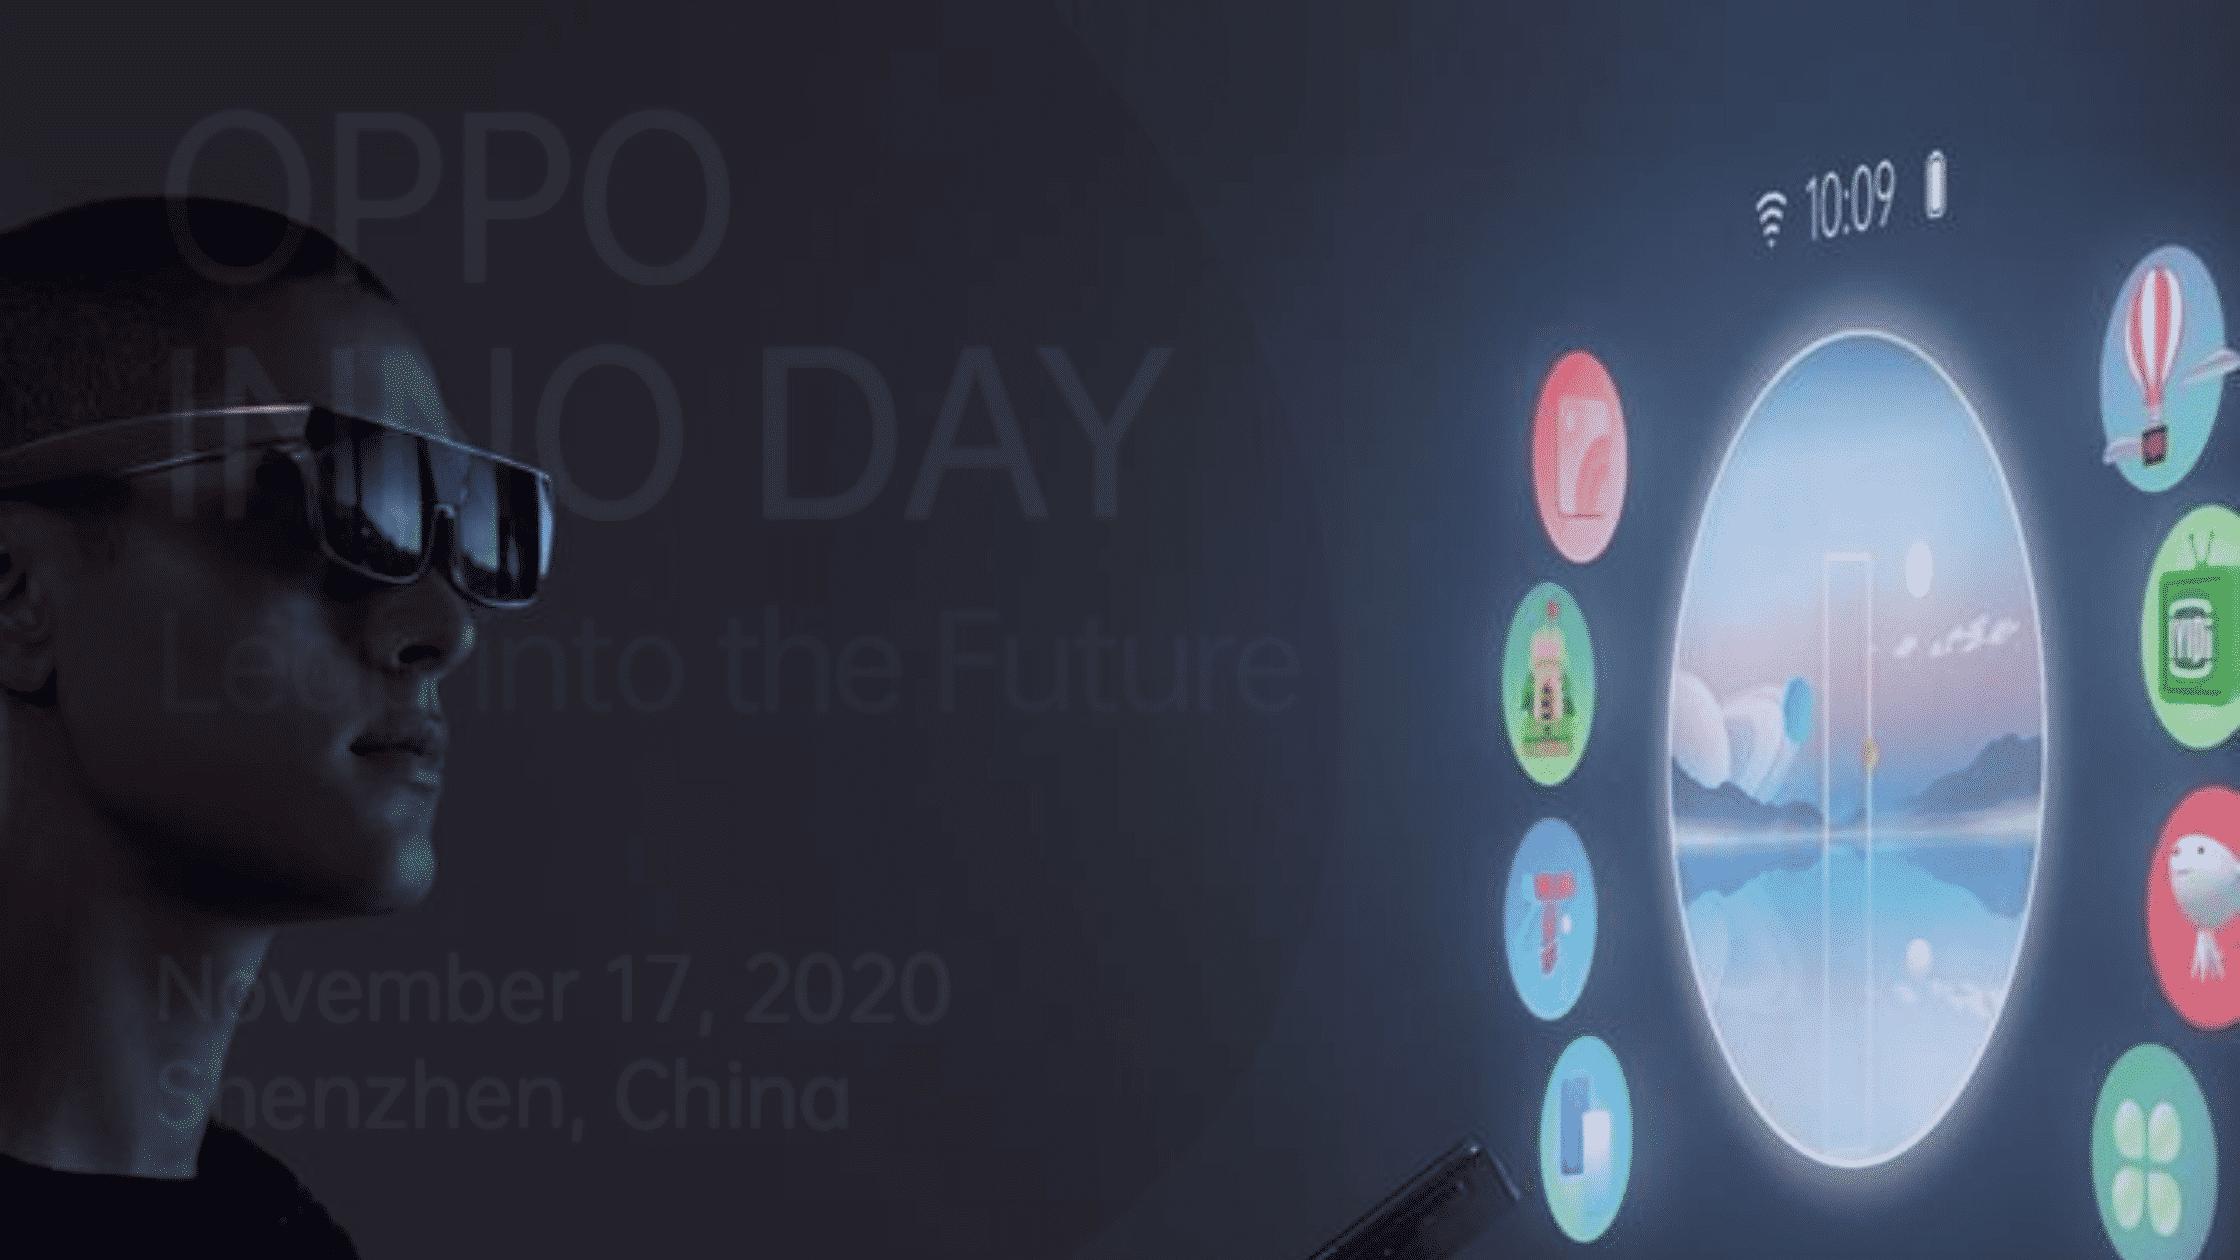 Kacamata AR Oppo AR Glass 2021